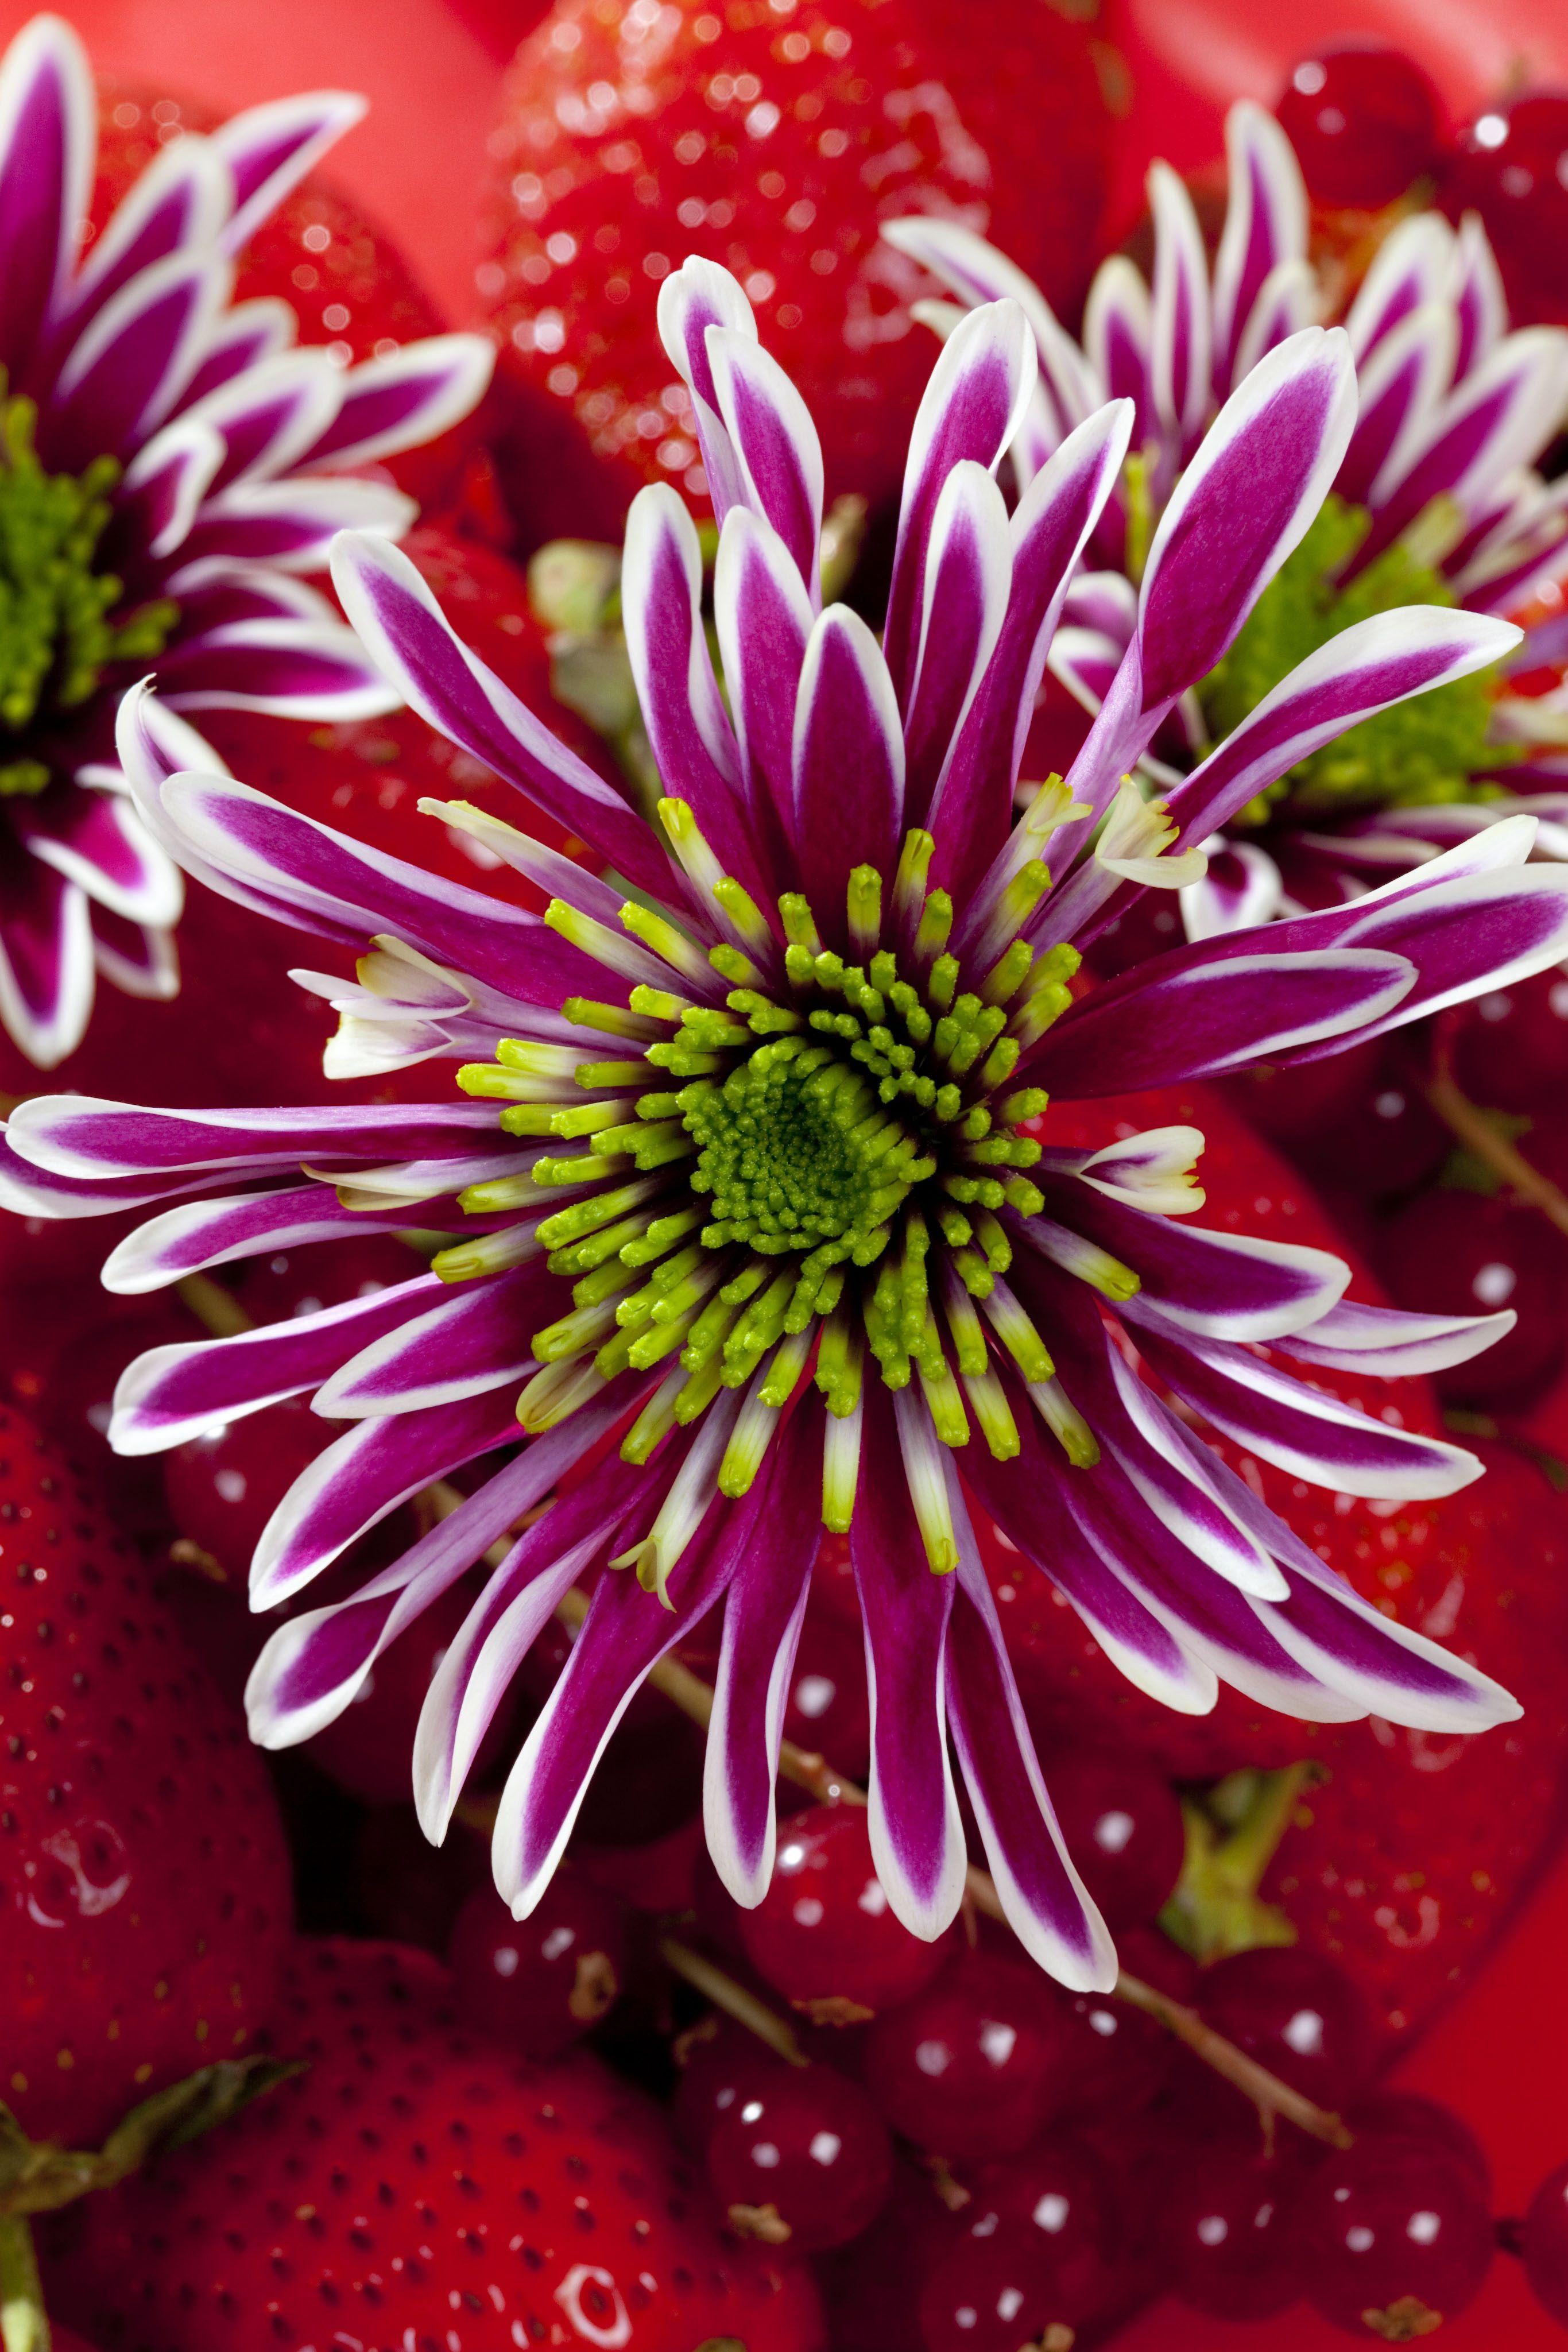 Chrysanthemum Zanmusaba Royal Van Zanten Chrysanthemum Flowers Photography Flowers Nature